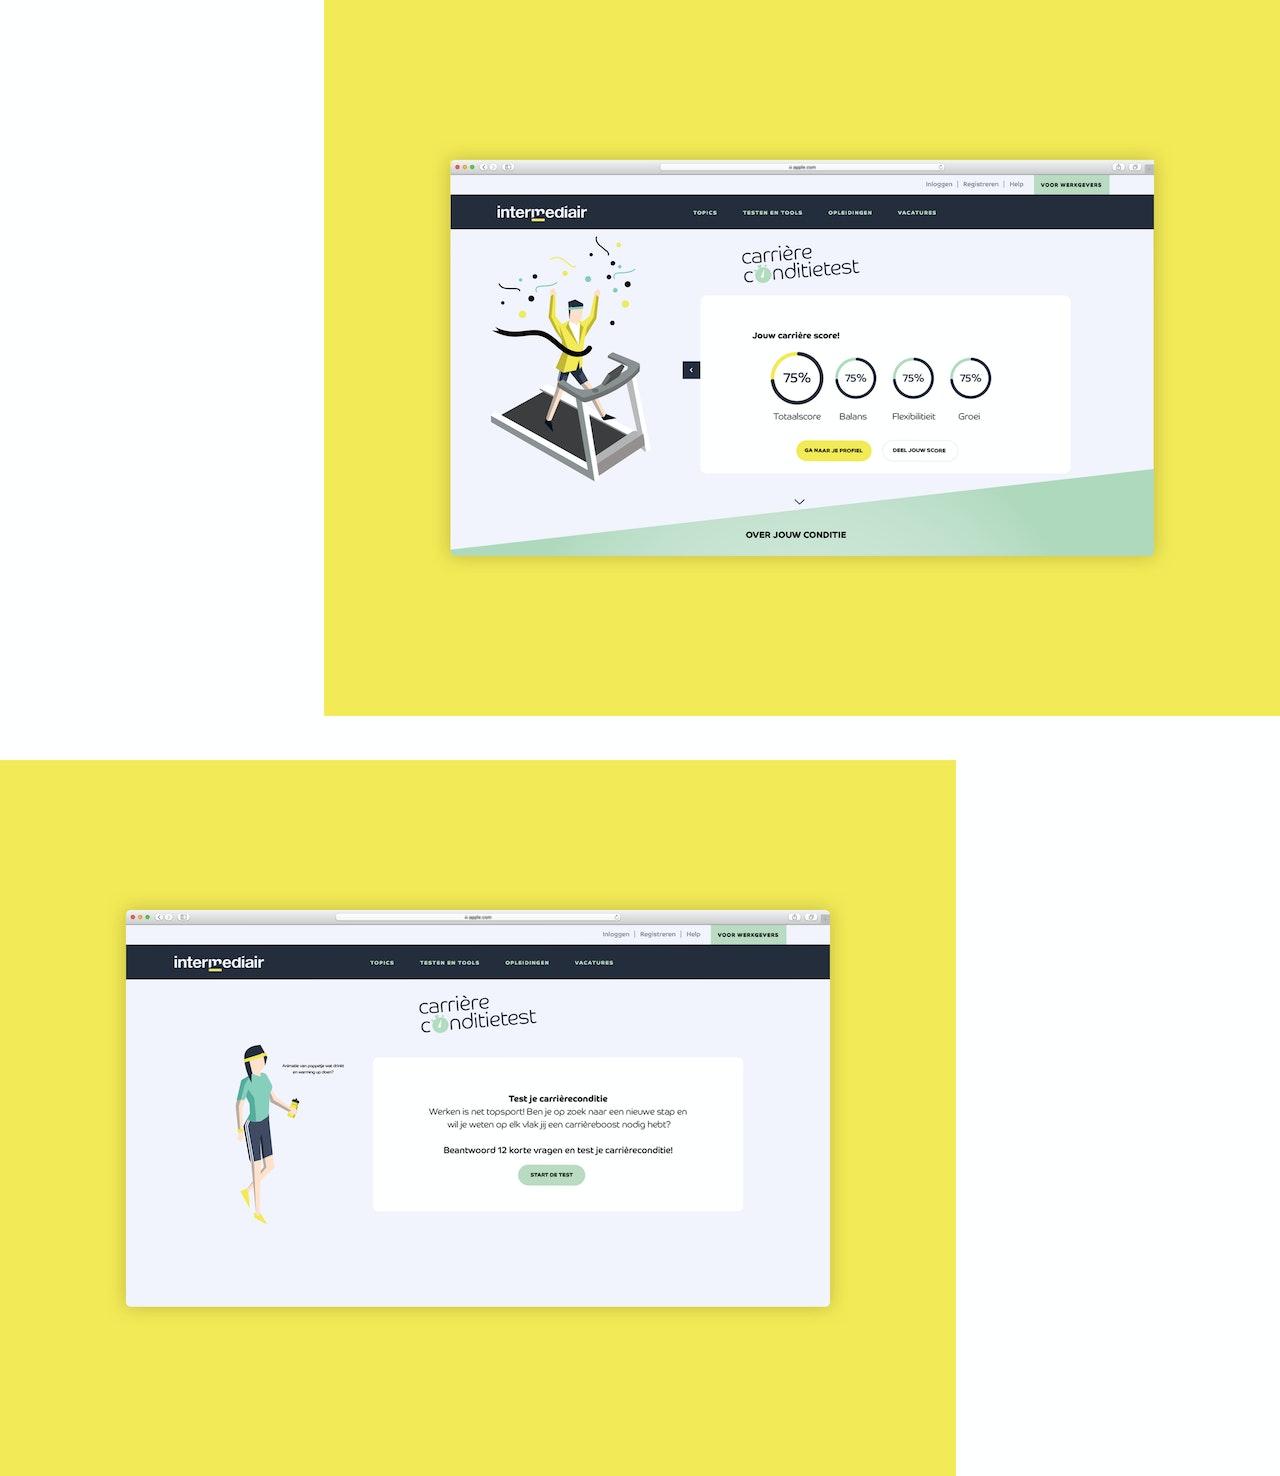 Twee desktop schermen met illustraties van de carriere conditietest van Intermediair